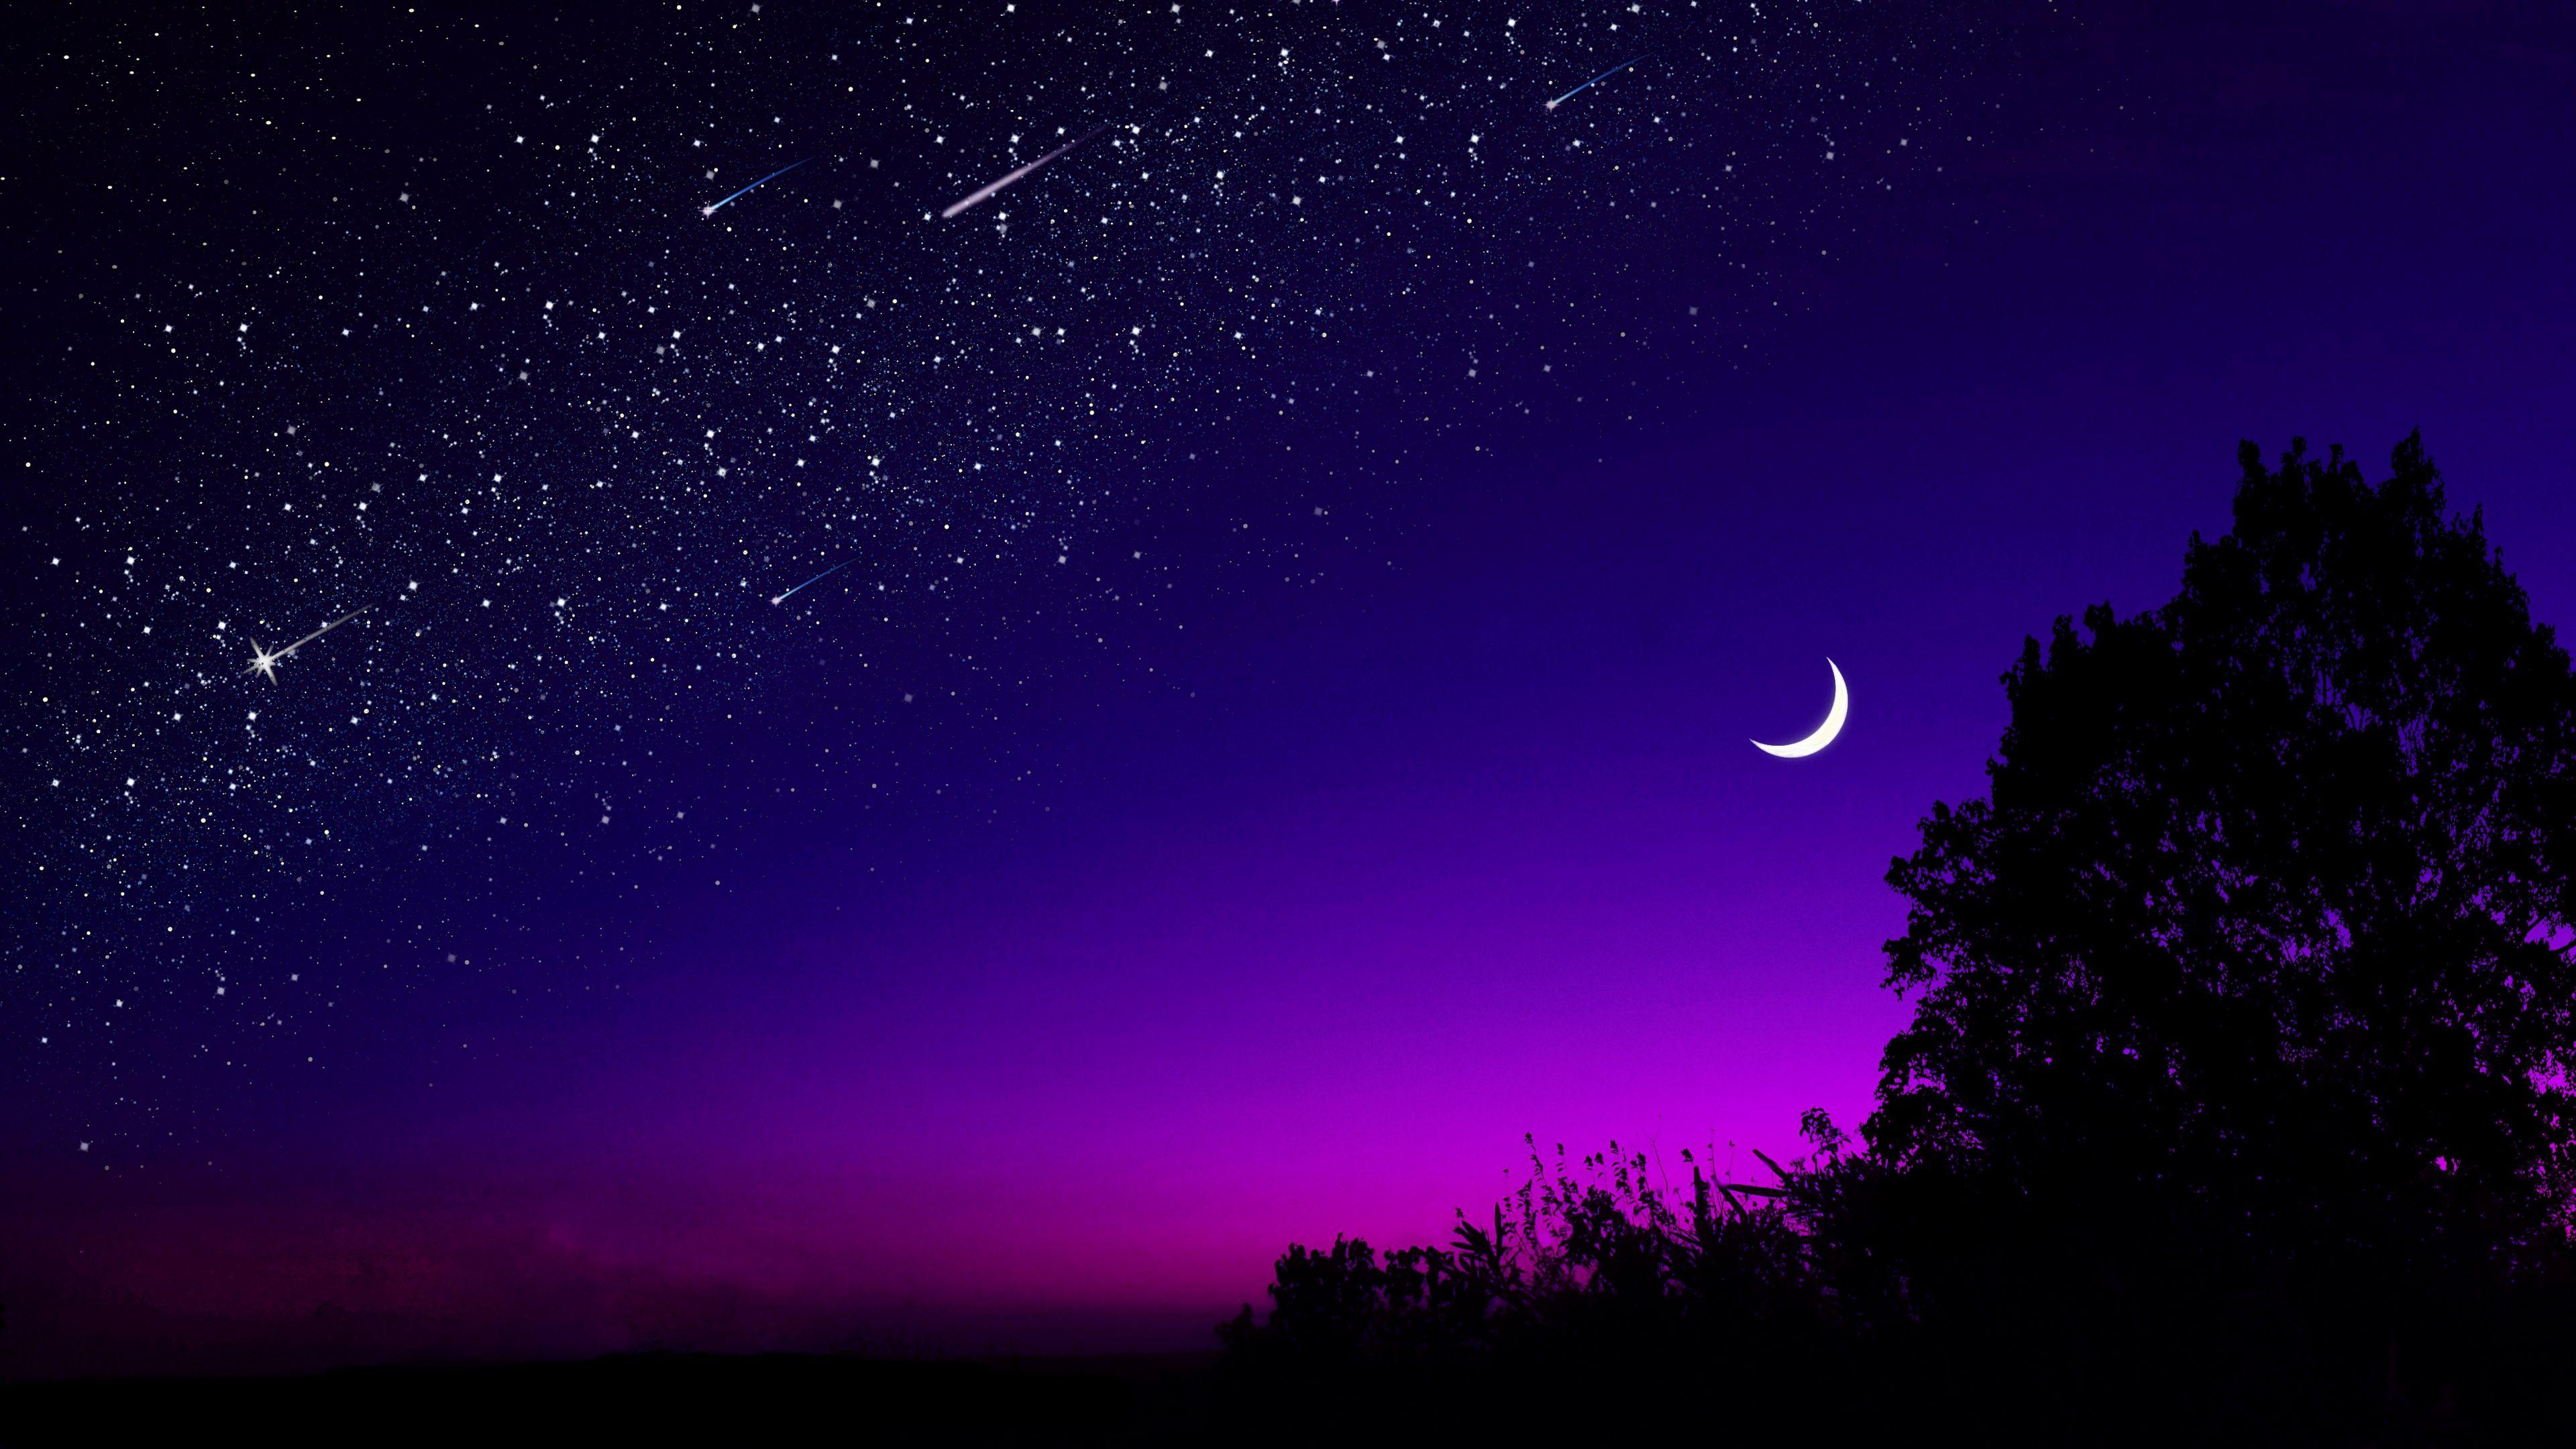 3840x2160 Обои луна, дерево, звездное небо, ночь, звезды, темный